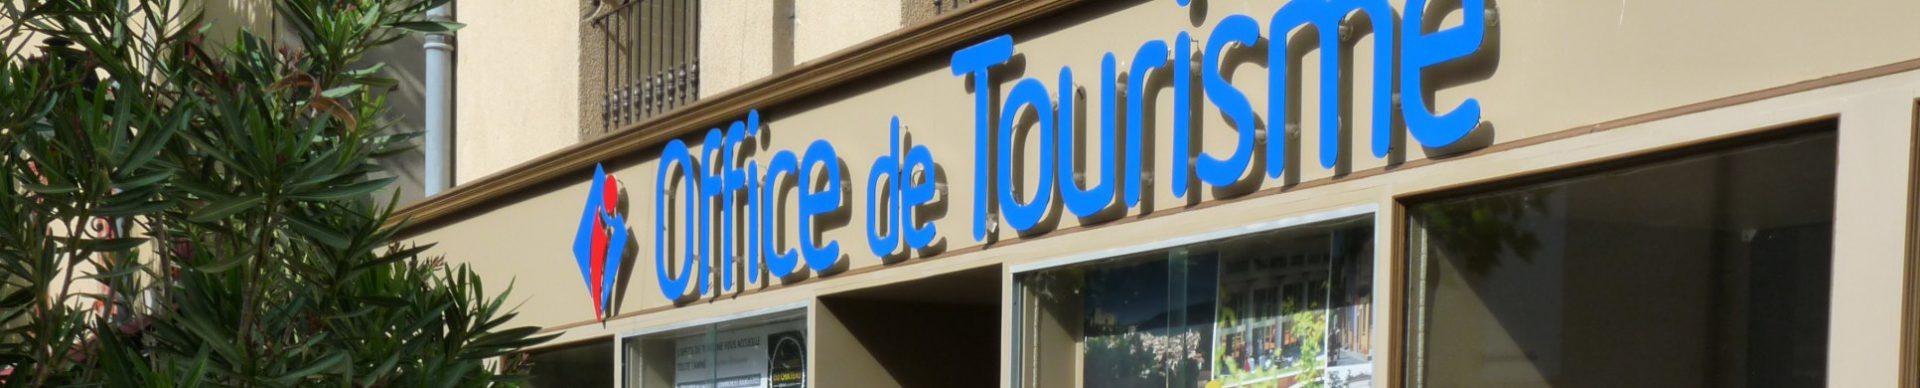 Uffici del turismo Gréoux-les-Bains